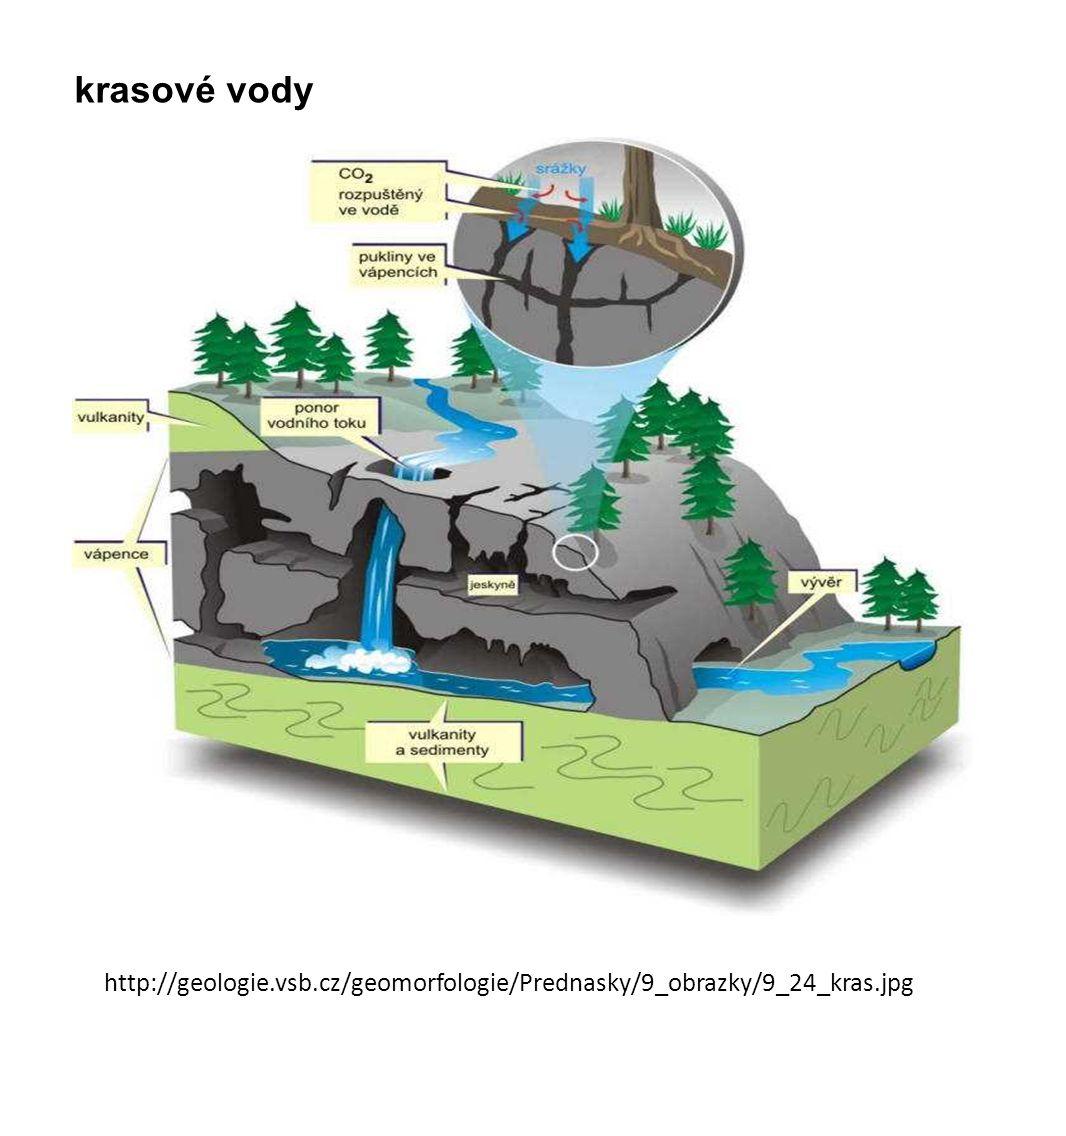 http://imgcdn.geocaching.com/cache/large/c553fb6f-c3b0-4137-ac49- 6ac155dd168f.jpg artéské ( = napjaté) vody - pánve srážky propustná vrstva nepropustná vrstva artéský pramen